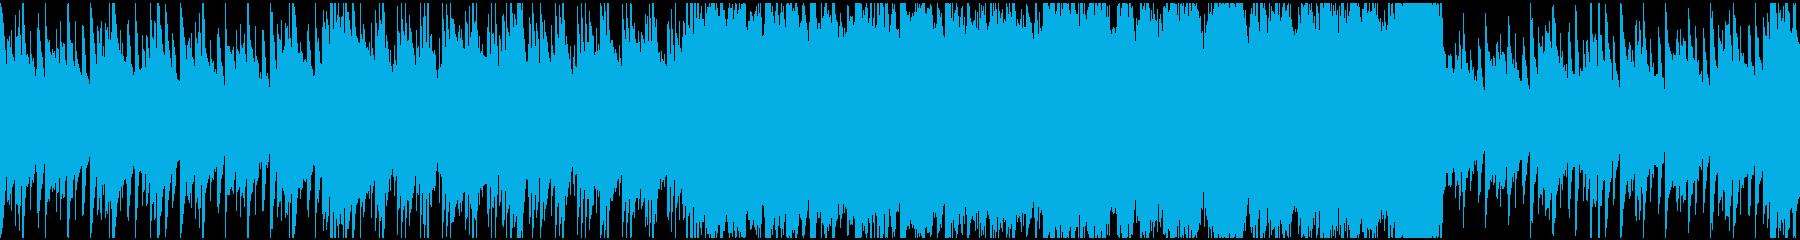 【ループ対応】ストリングスのワルツの再生済みの波形